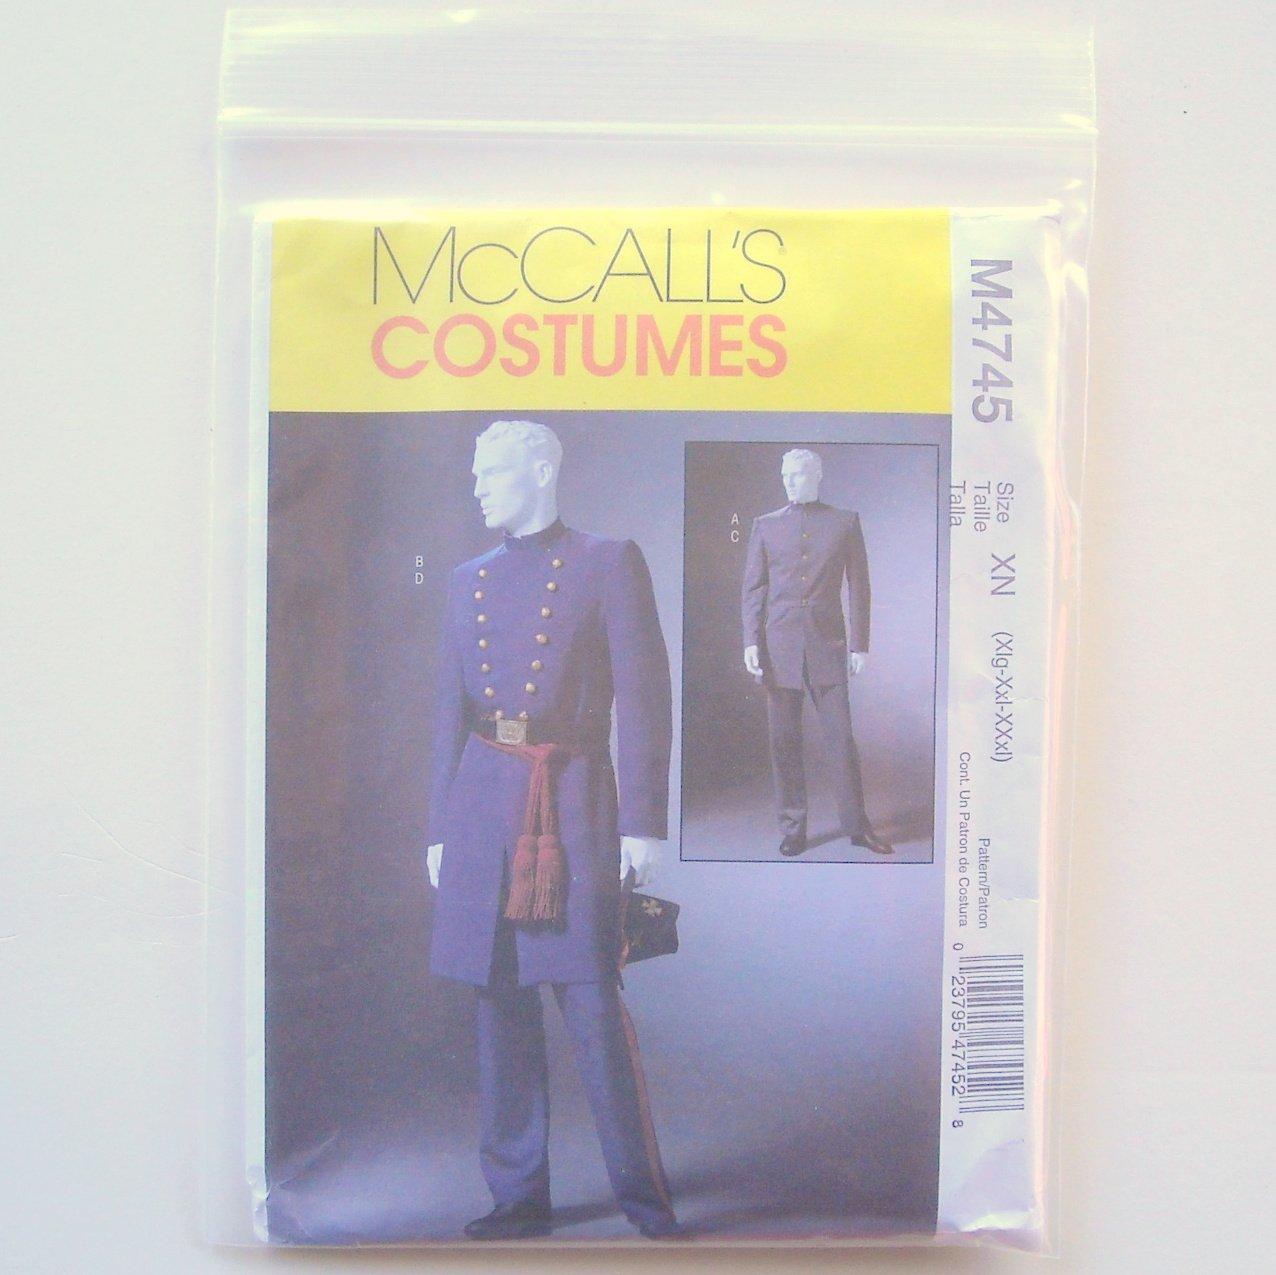 Mens Civil War Costumes Size XN Xlg Xxl XXxl McCalls Costumes Sewing Pattern M4745